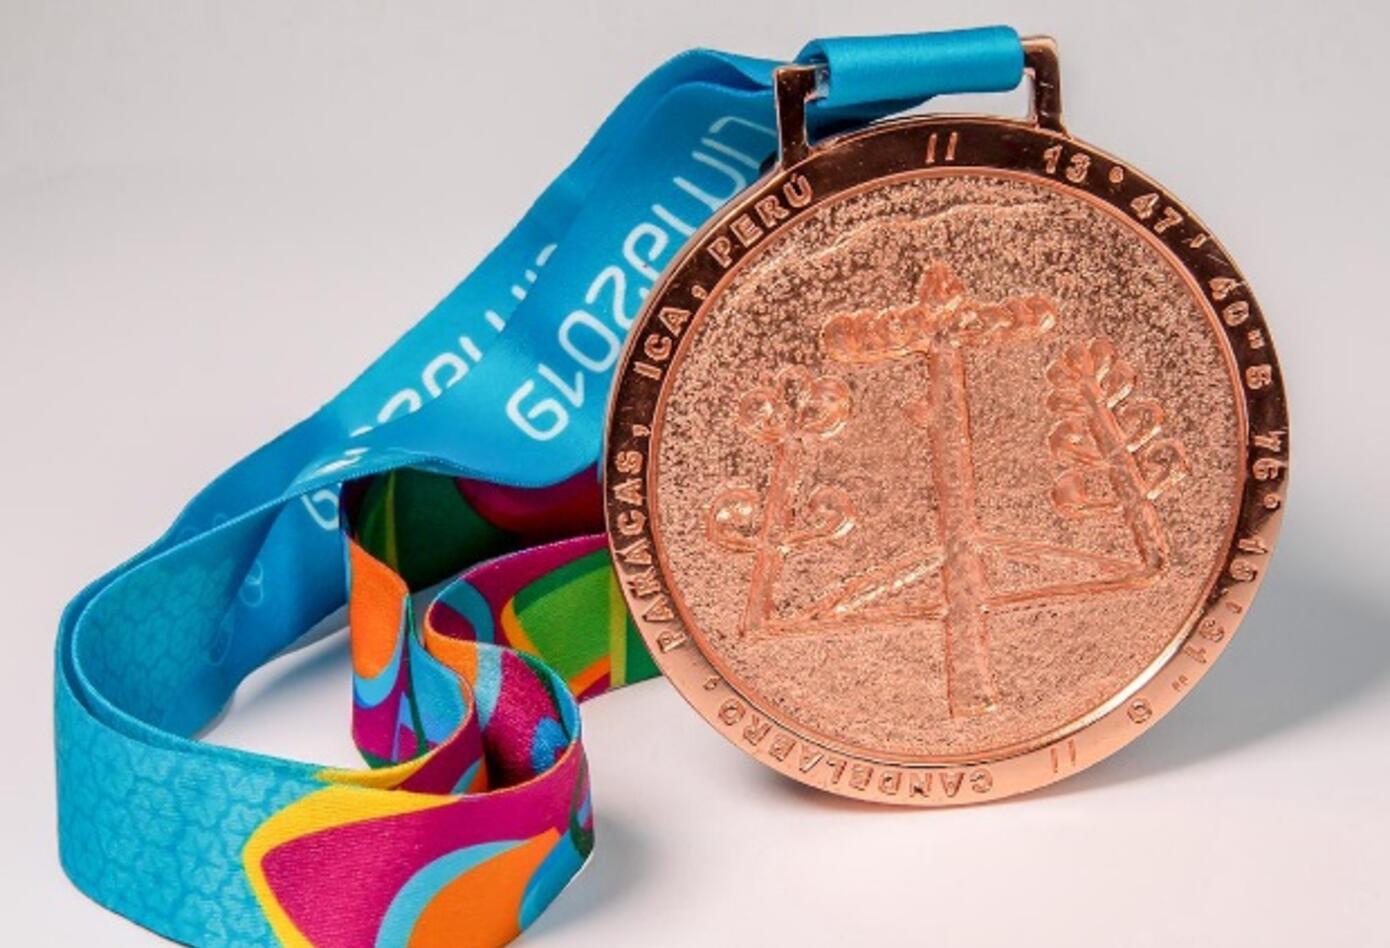 Medalla de Bronces - Juegos Panamericanos